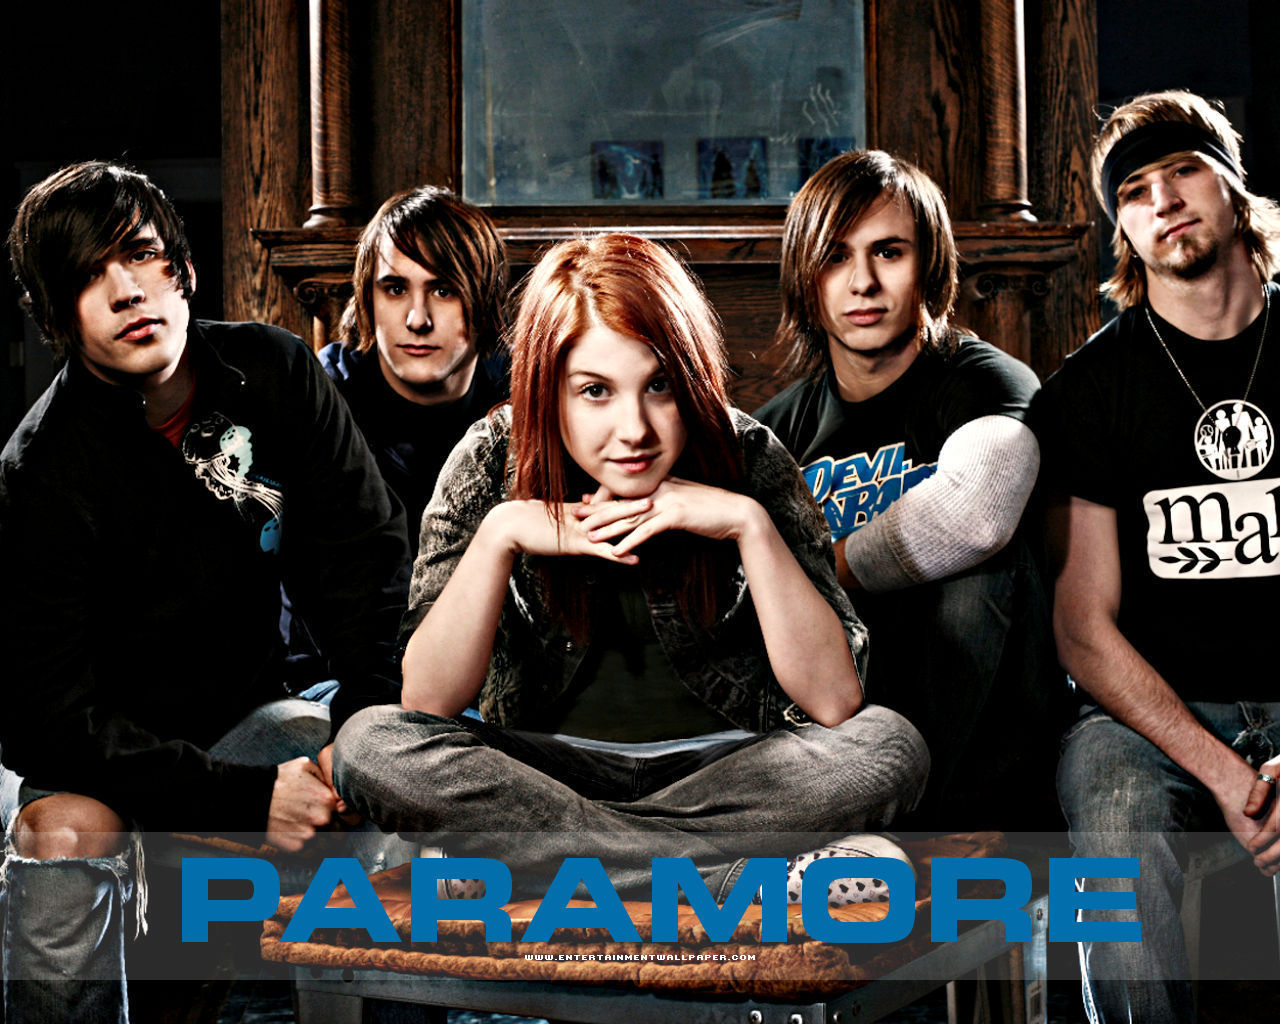 -Paramore♥ - Paramore Wallpaper (6446778) - Fanpop Paramore